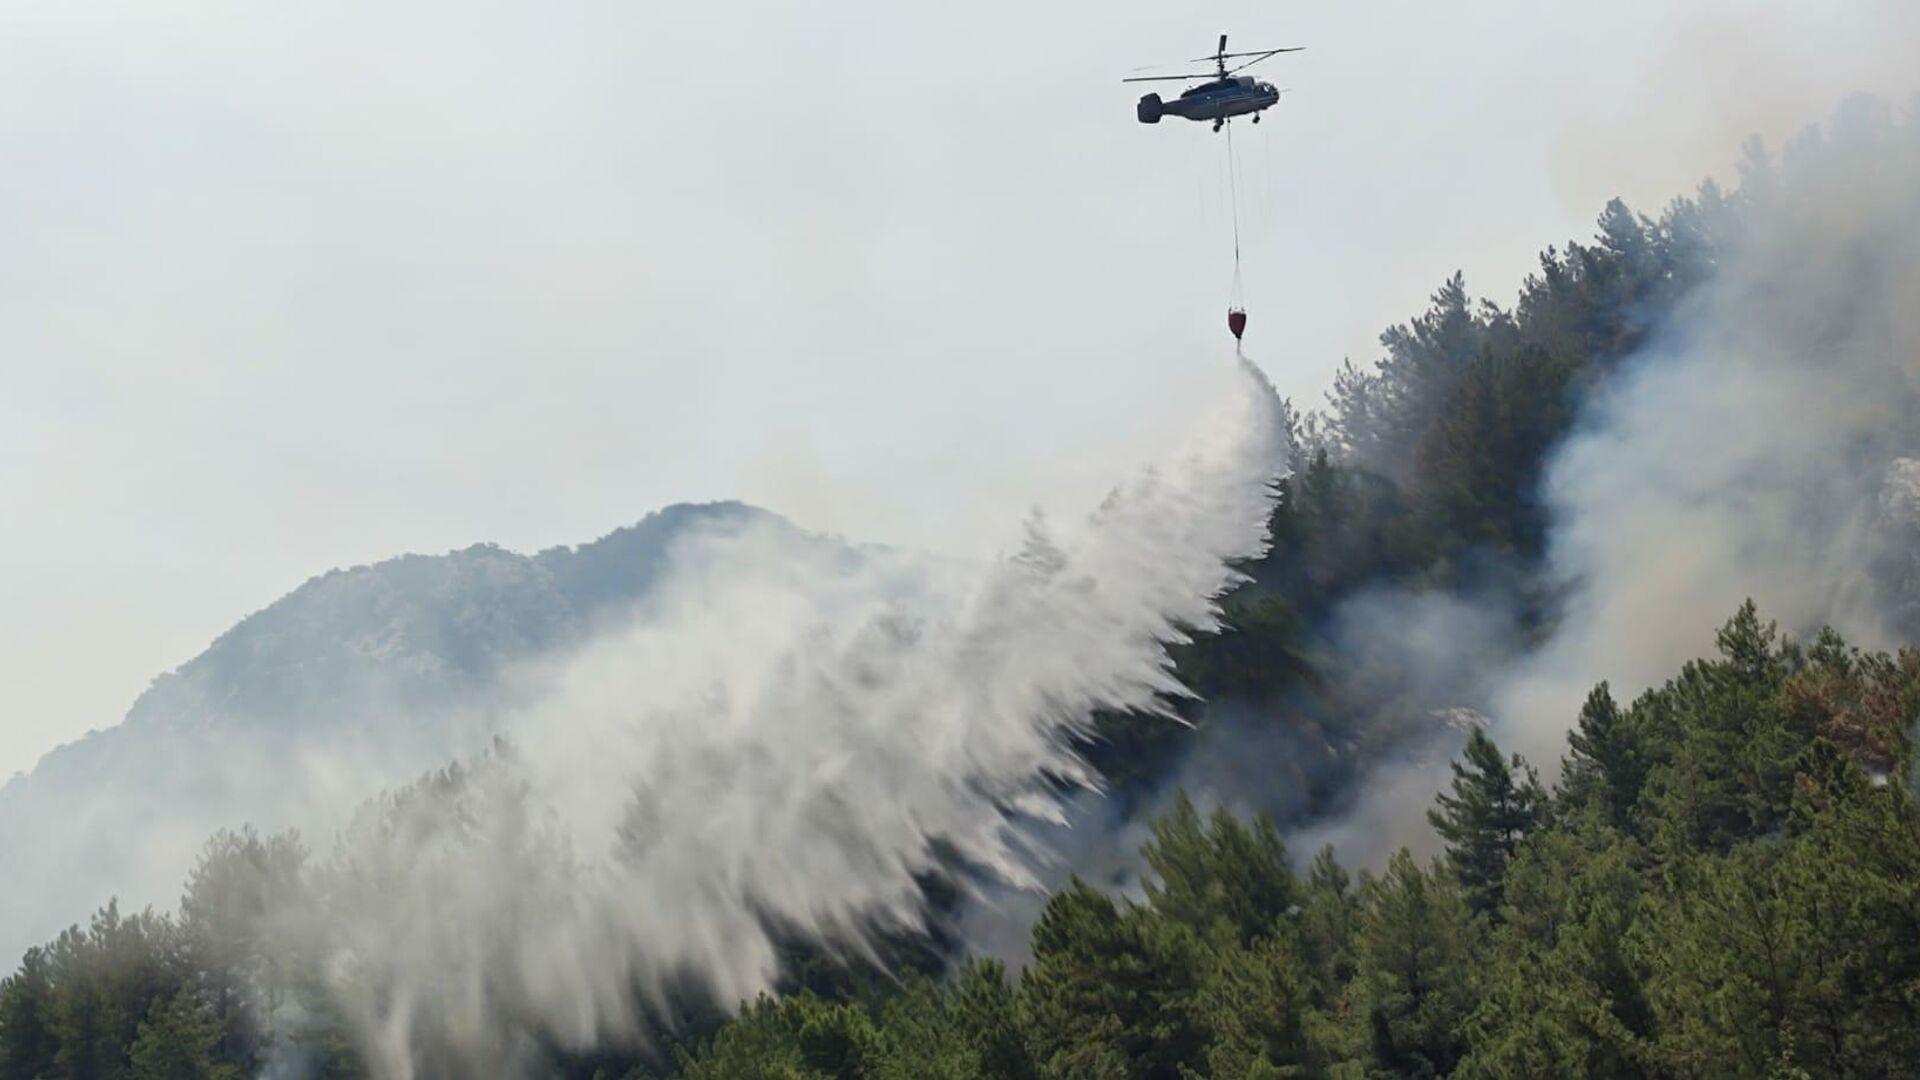 Incendios forestales en Turquía - Sputnik Mundo, 1920, 06.08.2021